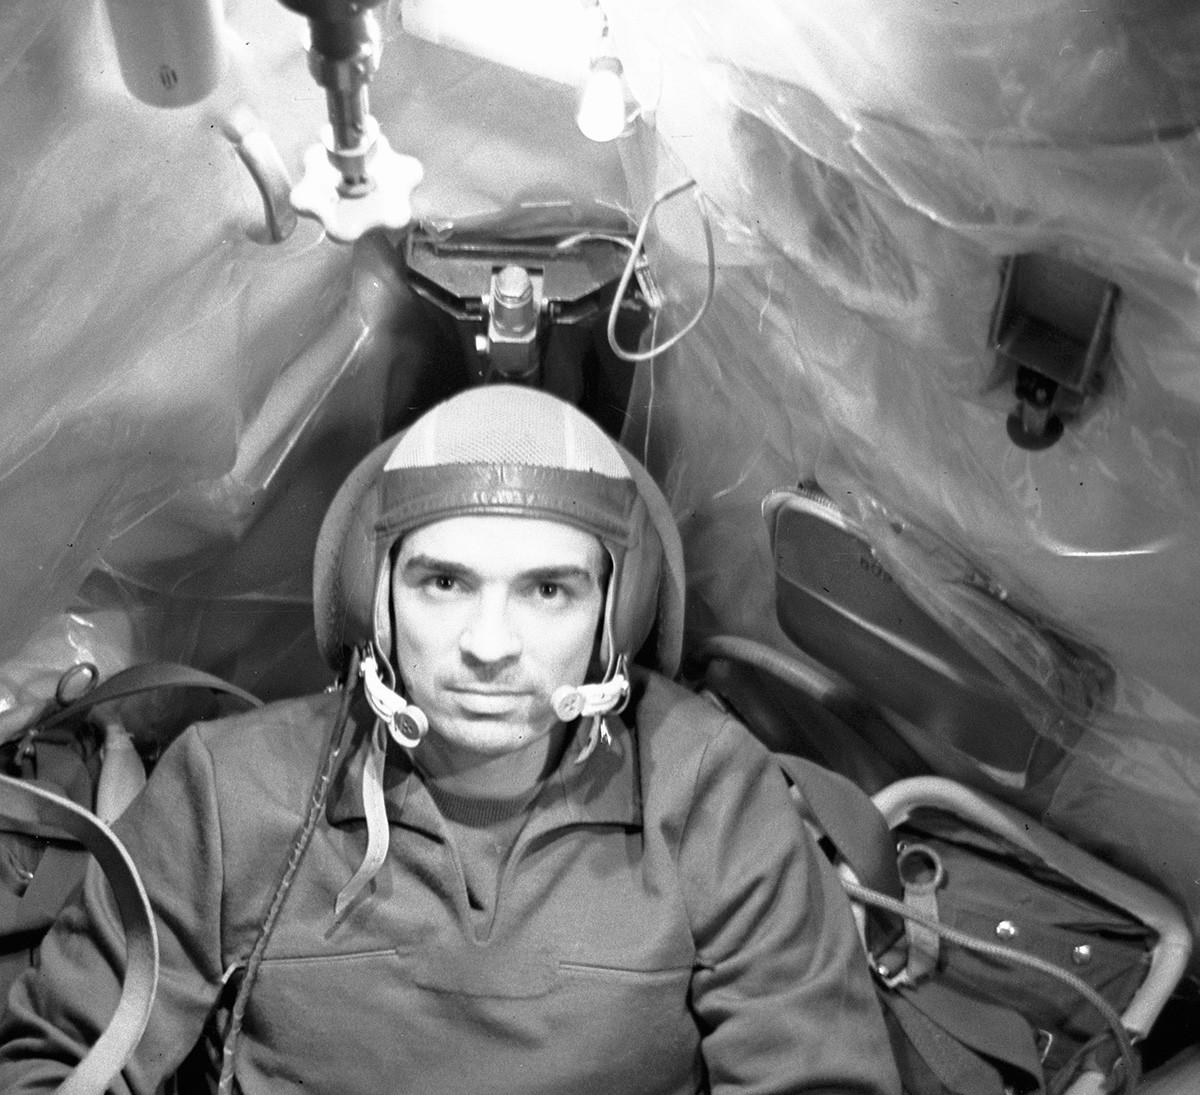 Viacheslav Zudov, el comandante de la nave espacial Soyuz-23, durante el entrenamiento en una nave simuladora.